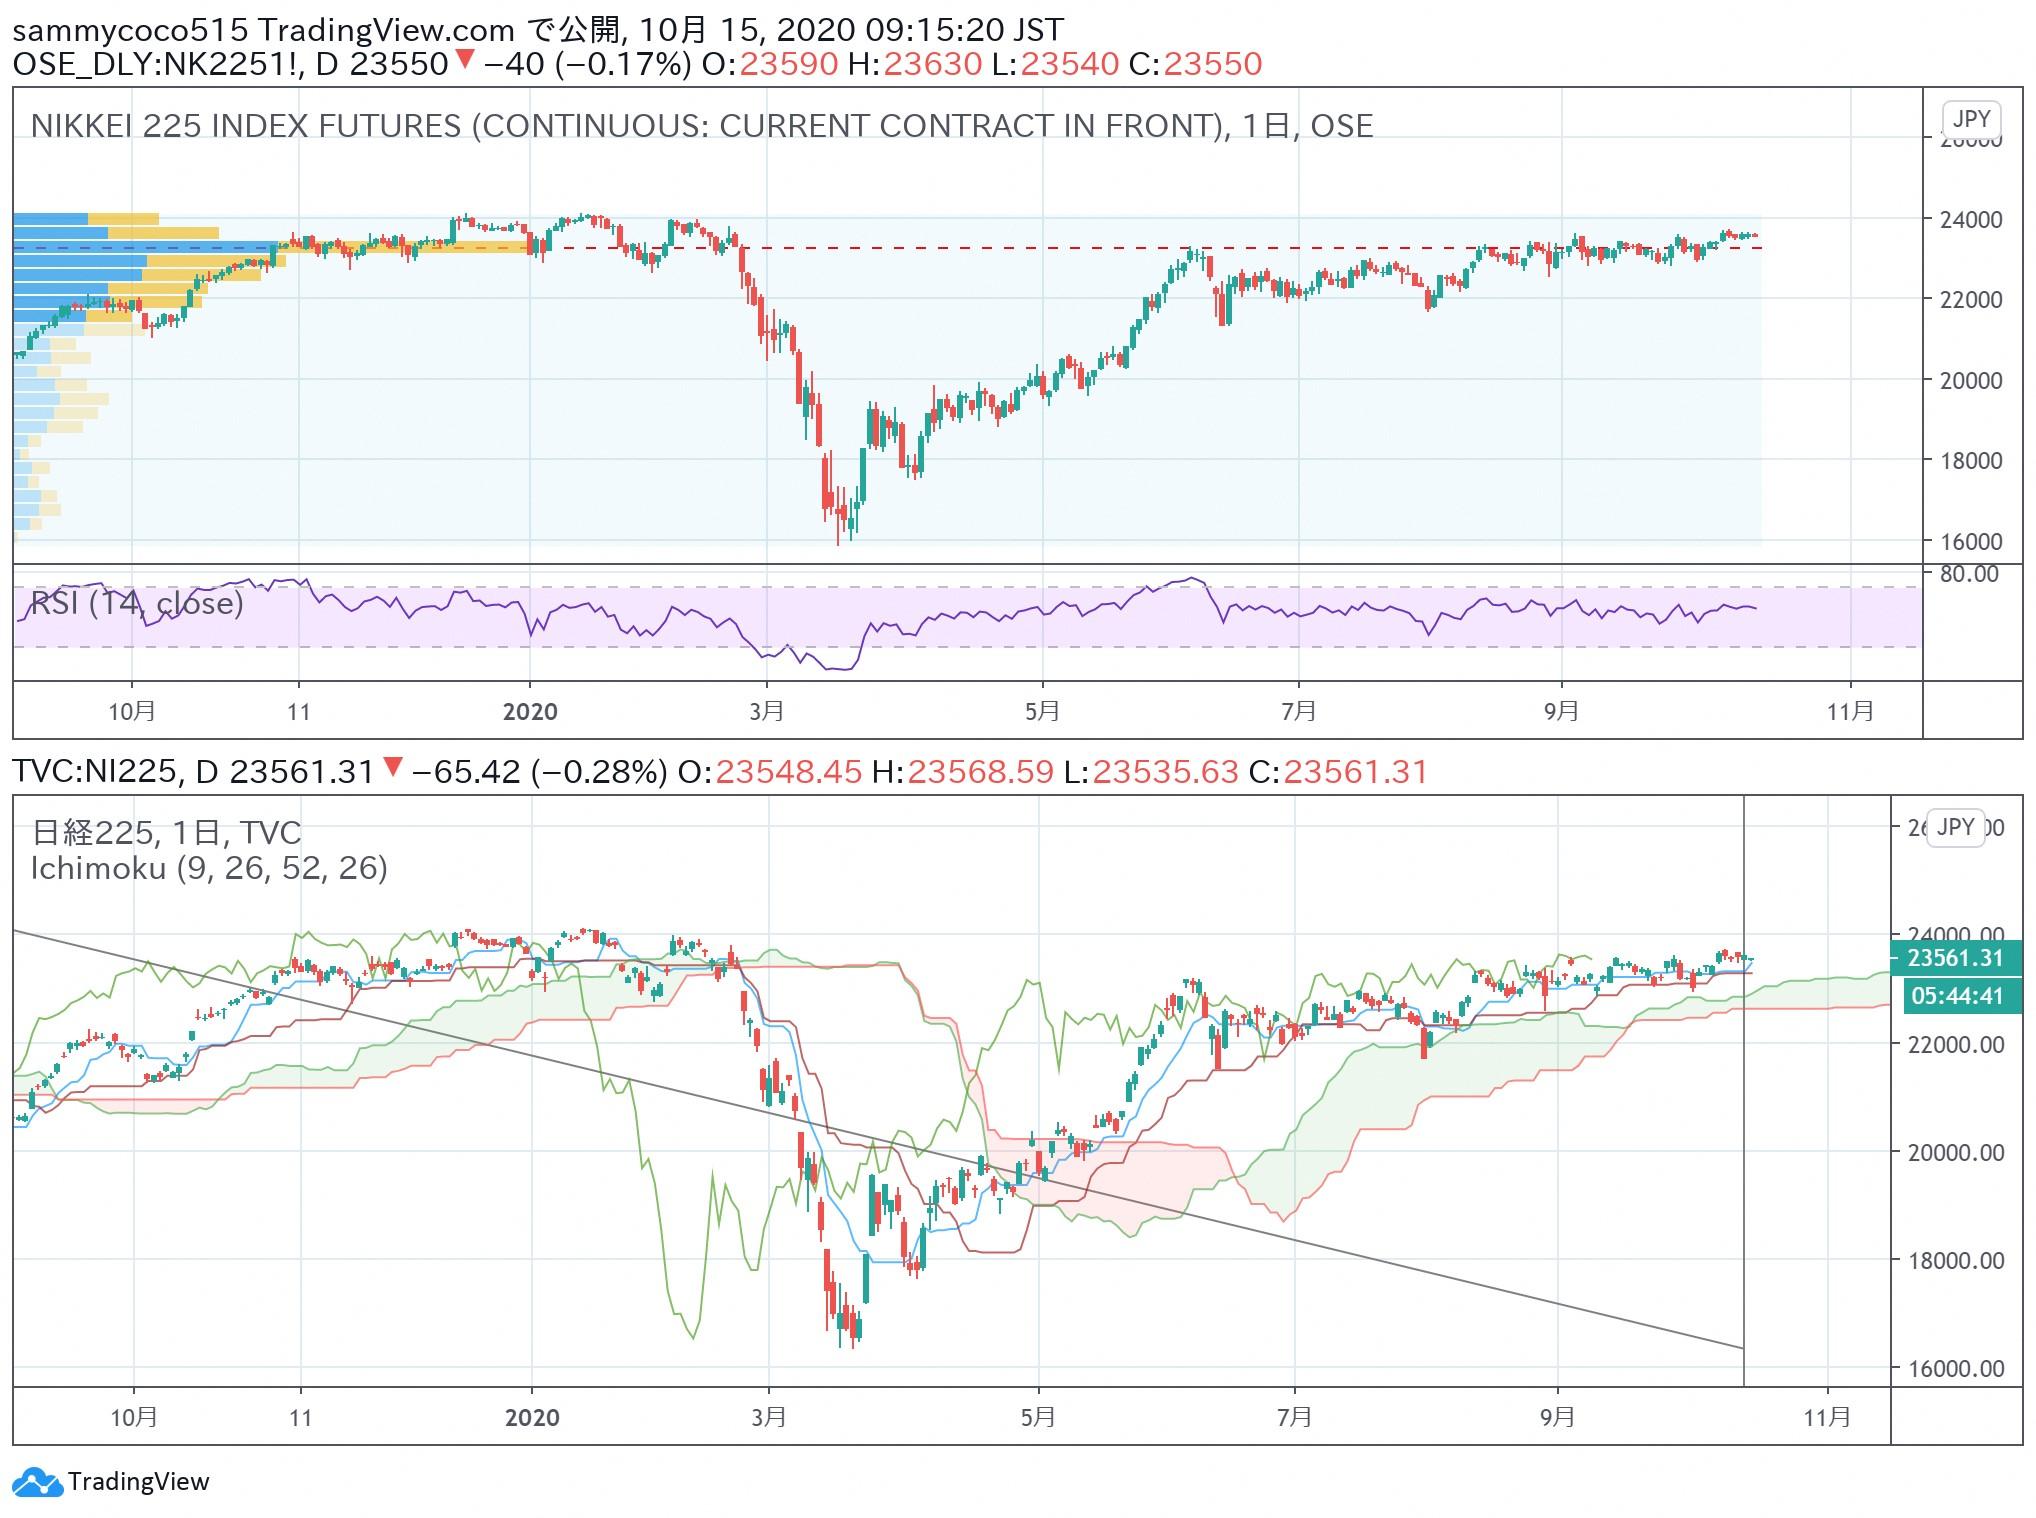 东京外汇股市日评:日经指数保持横盘整理,美元兑日元汇率缺乏方向感